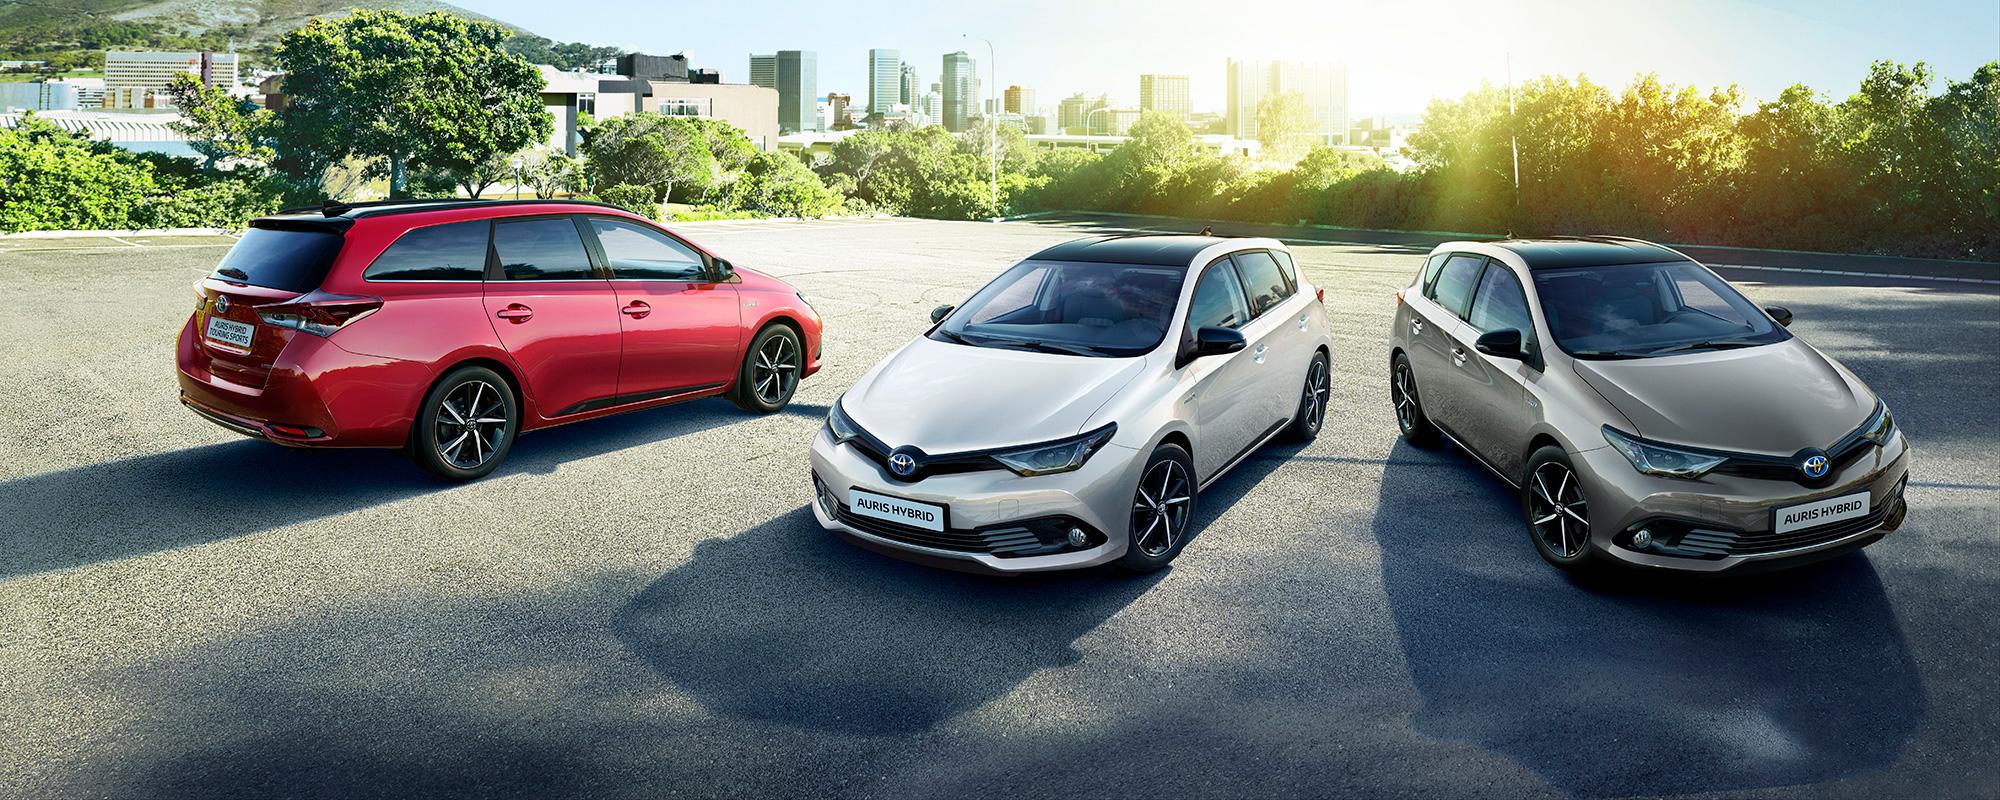 Toyota Free Hybrid: nu een hybride voor de prijs van een benzineauto